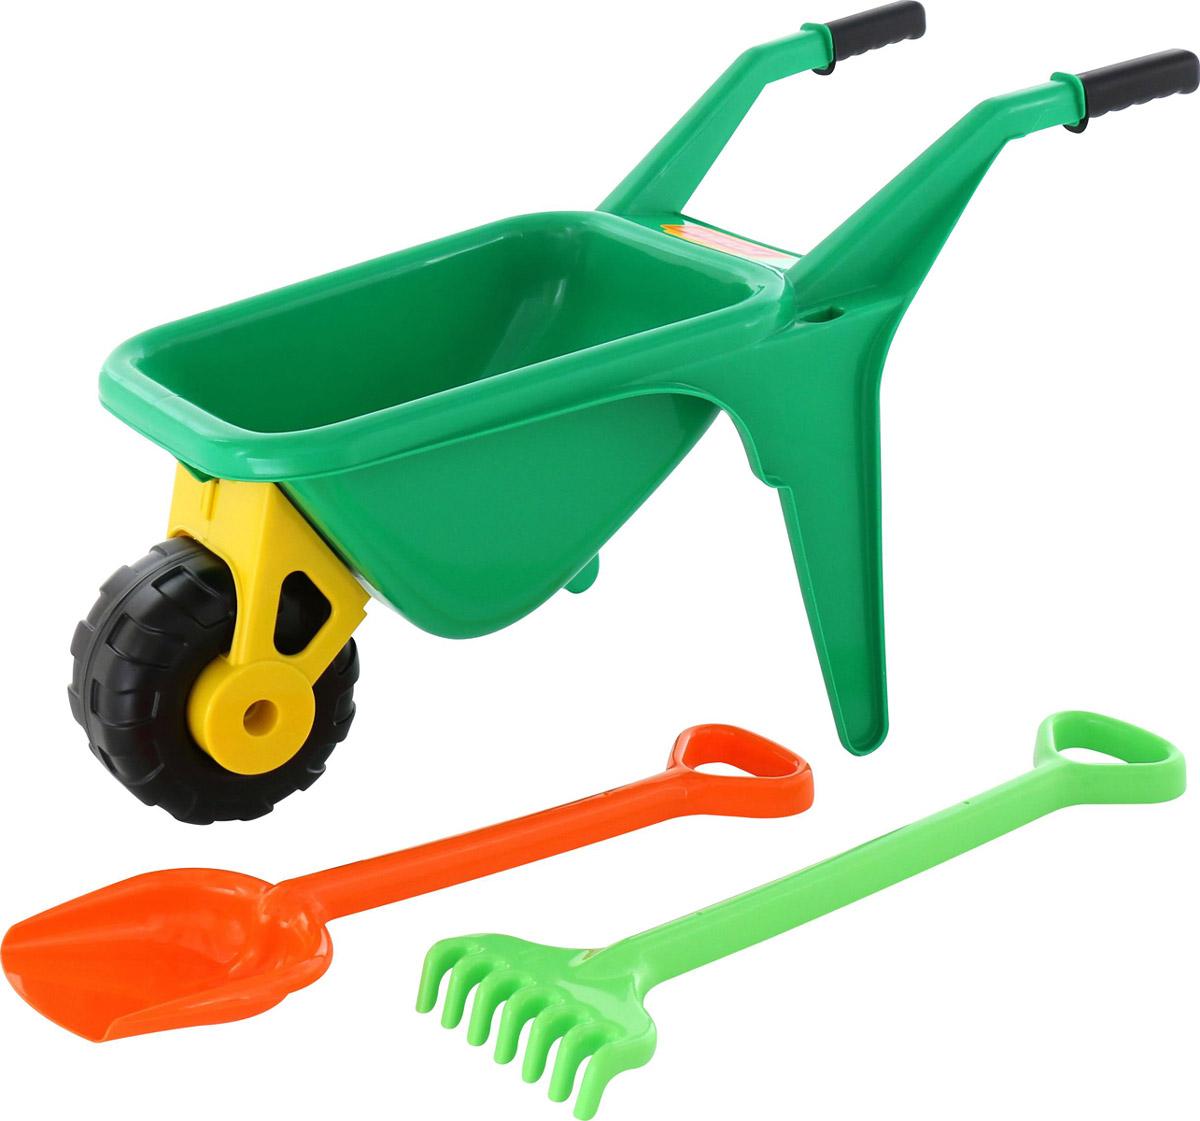 Полесье Набор игрушек для песочницы Тачка Садовод с лопатой и граблями цвет зеленый - Игры на открытом воздухе